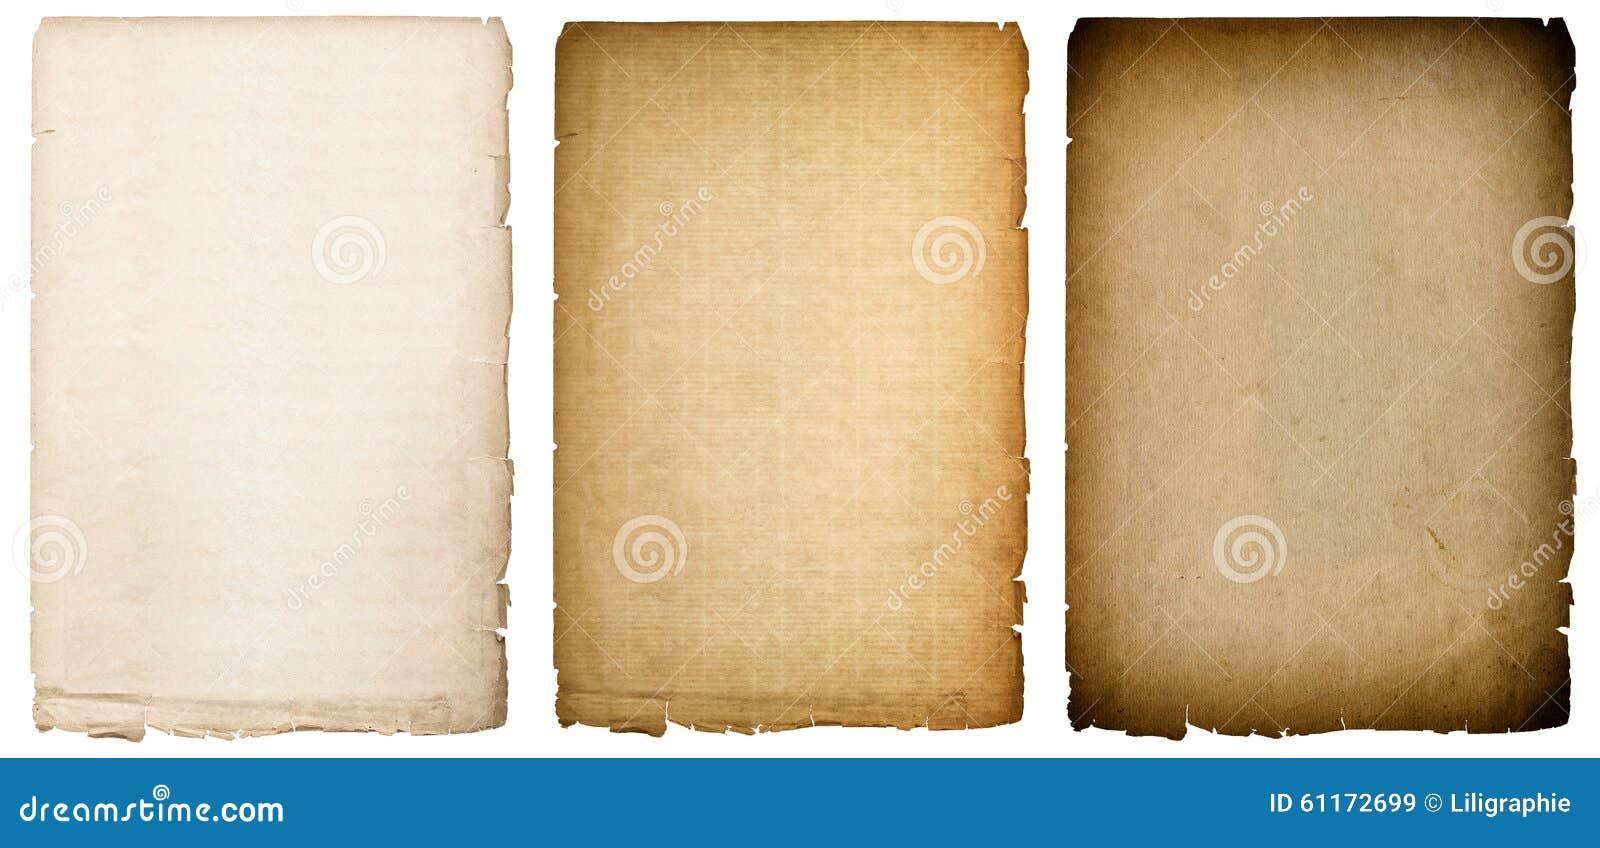 Vieja textura de papel de las hojas con los bordes oscuros Fondo de la vendimia